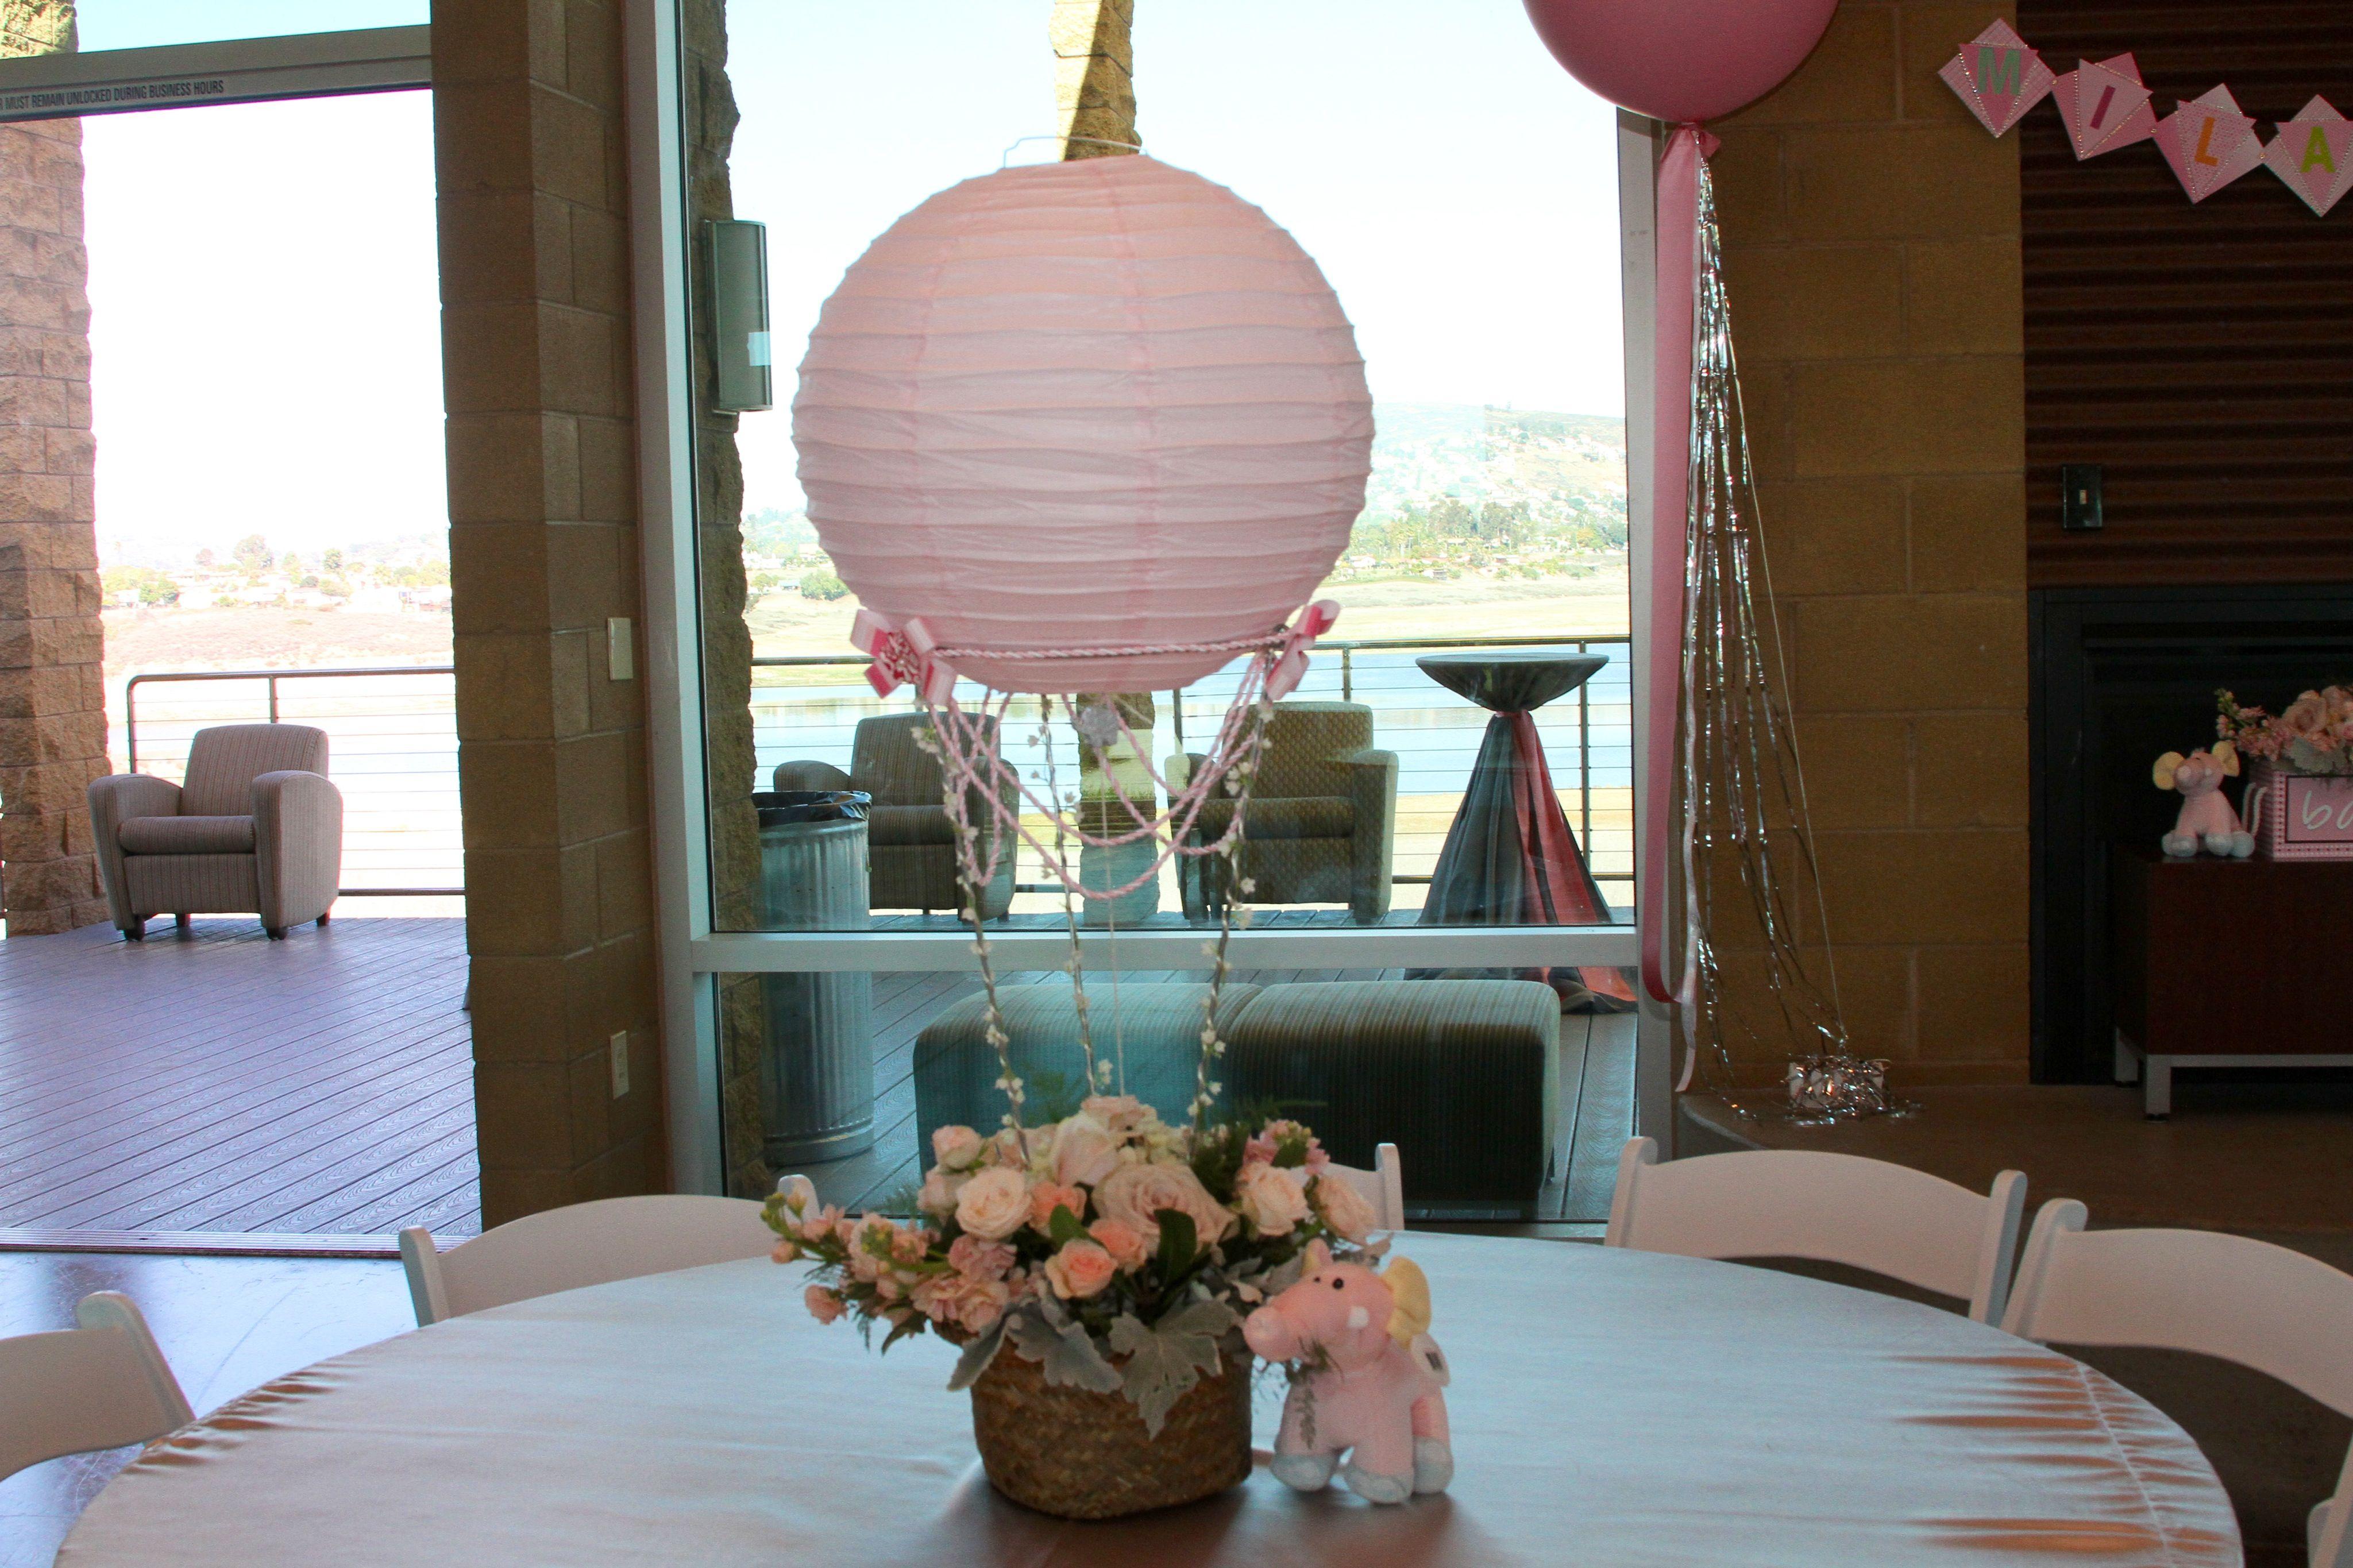 Hot air balloon centerpieces crafts pinterest